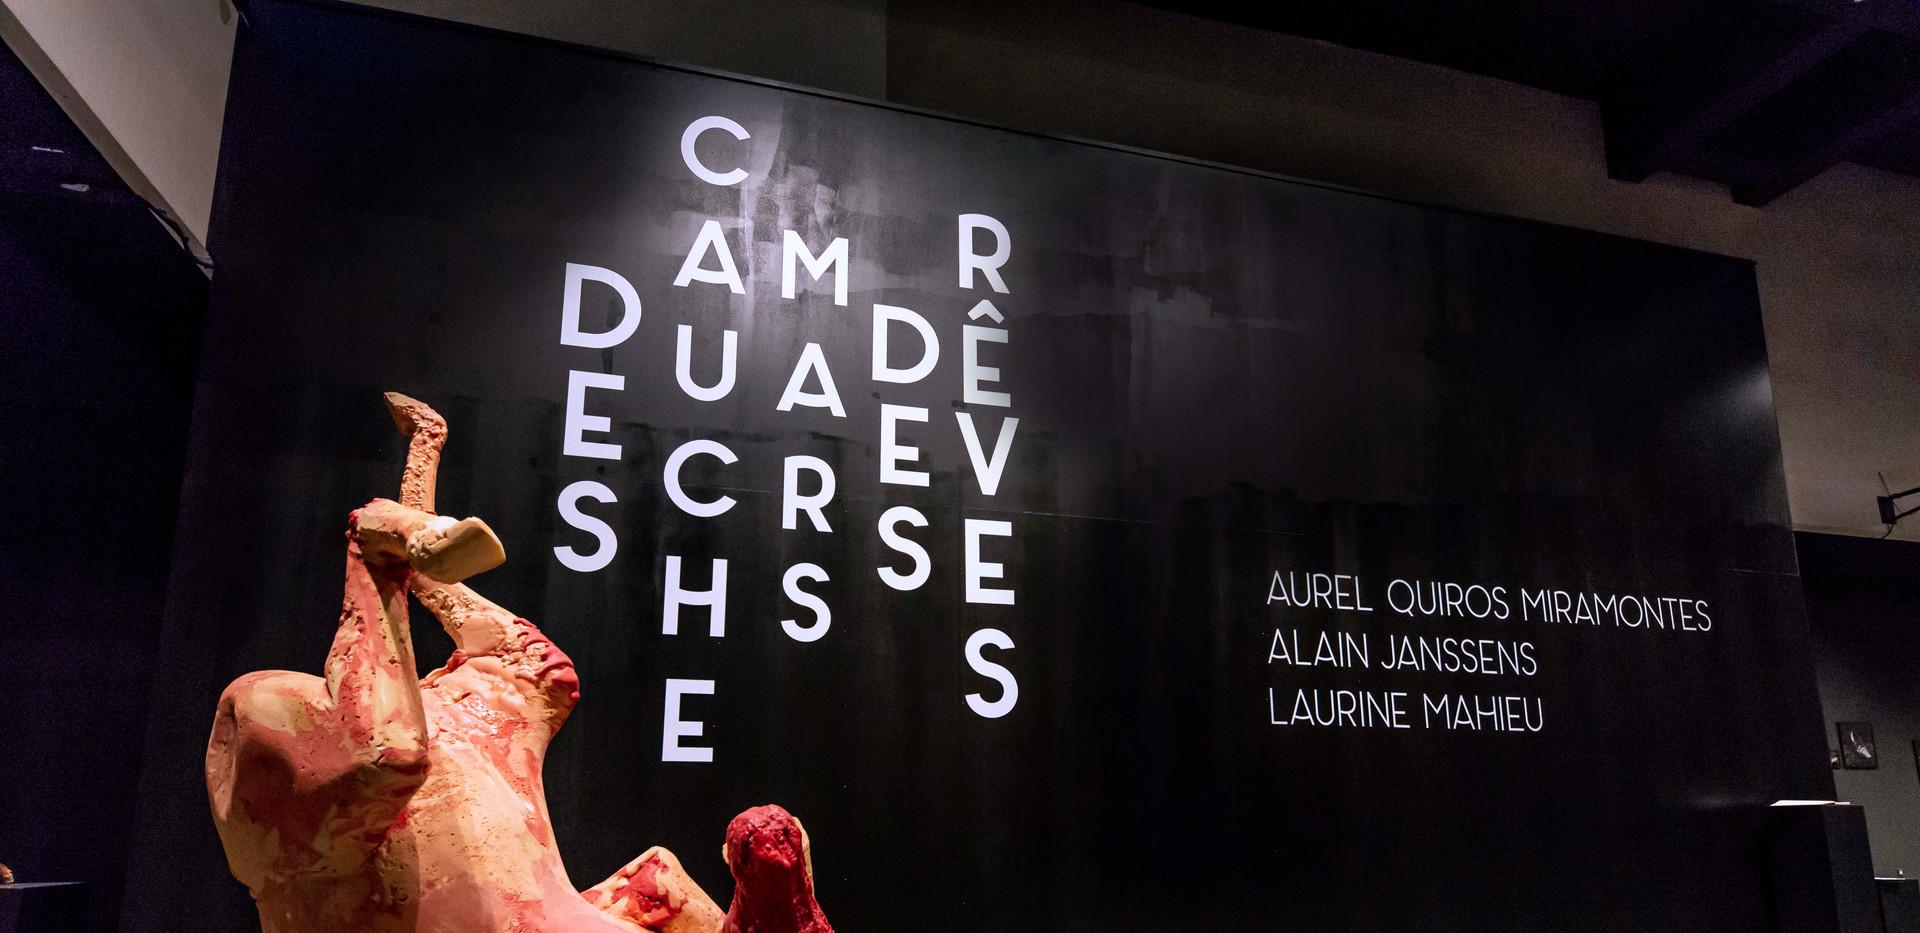 """Exposition """"Des cauchemars, des rêves"""" avec les oeuvres de Laurine Mahieu, Alain Janssen et Aurel Quiros Miramontes"""